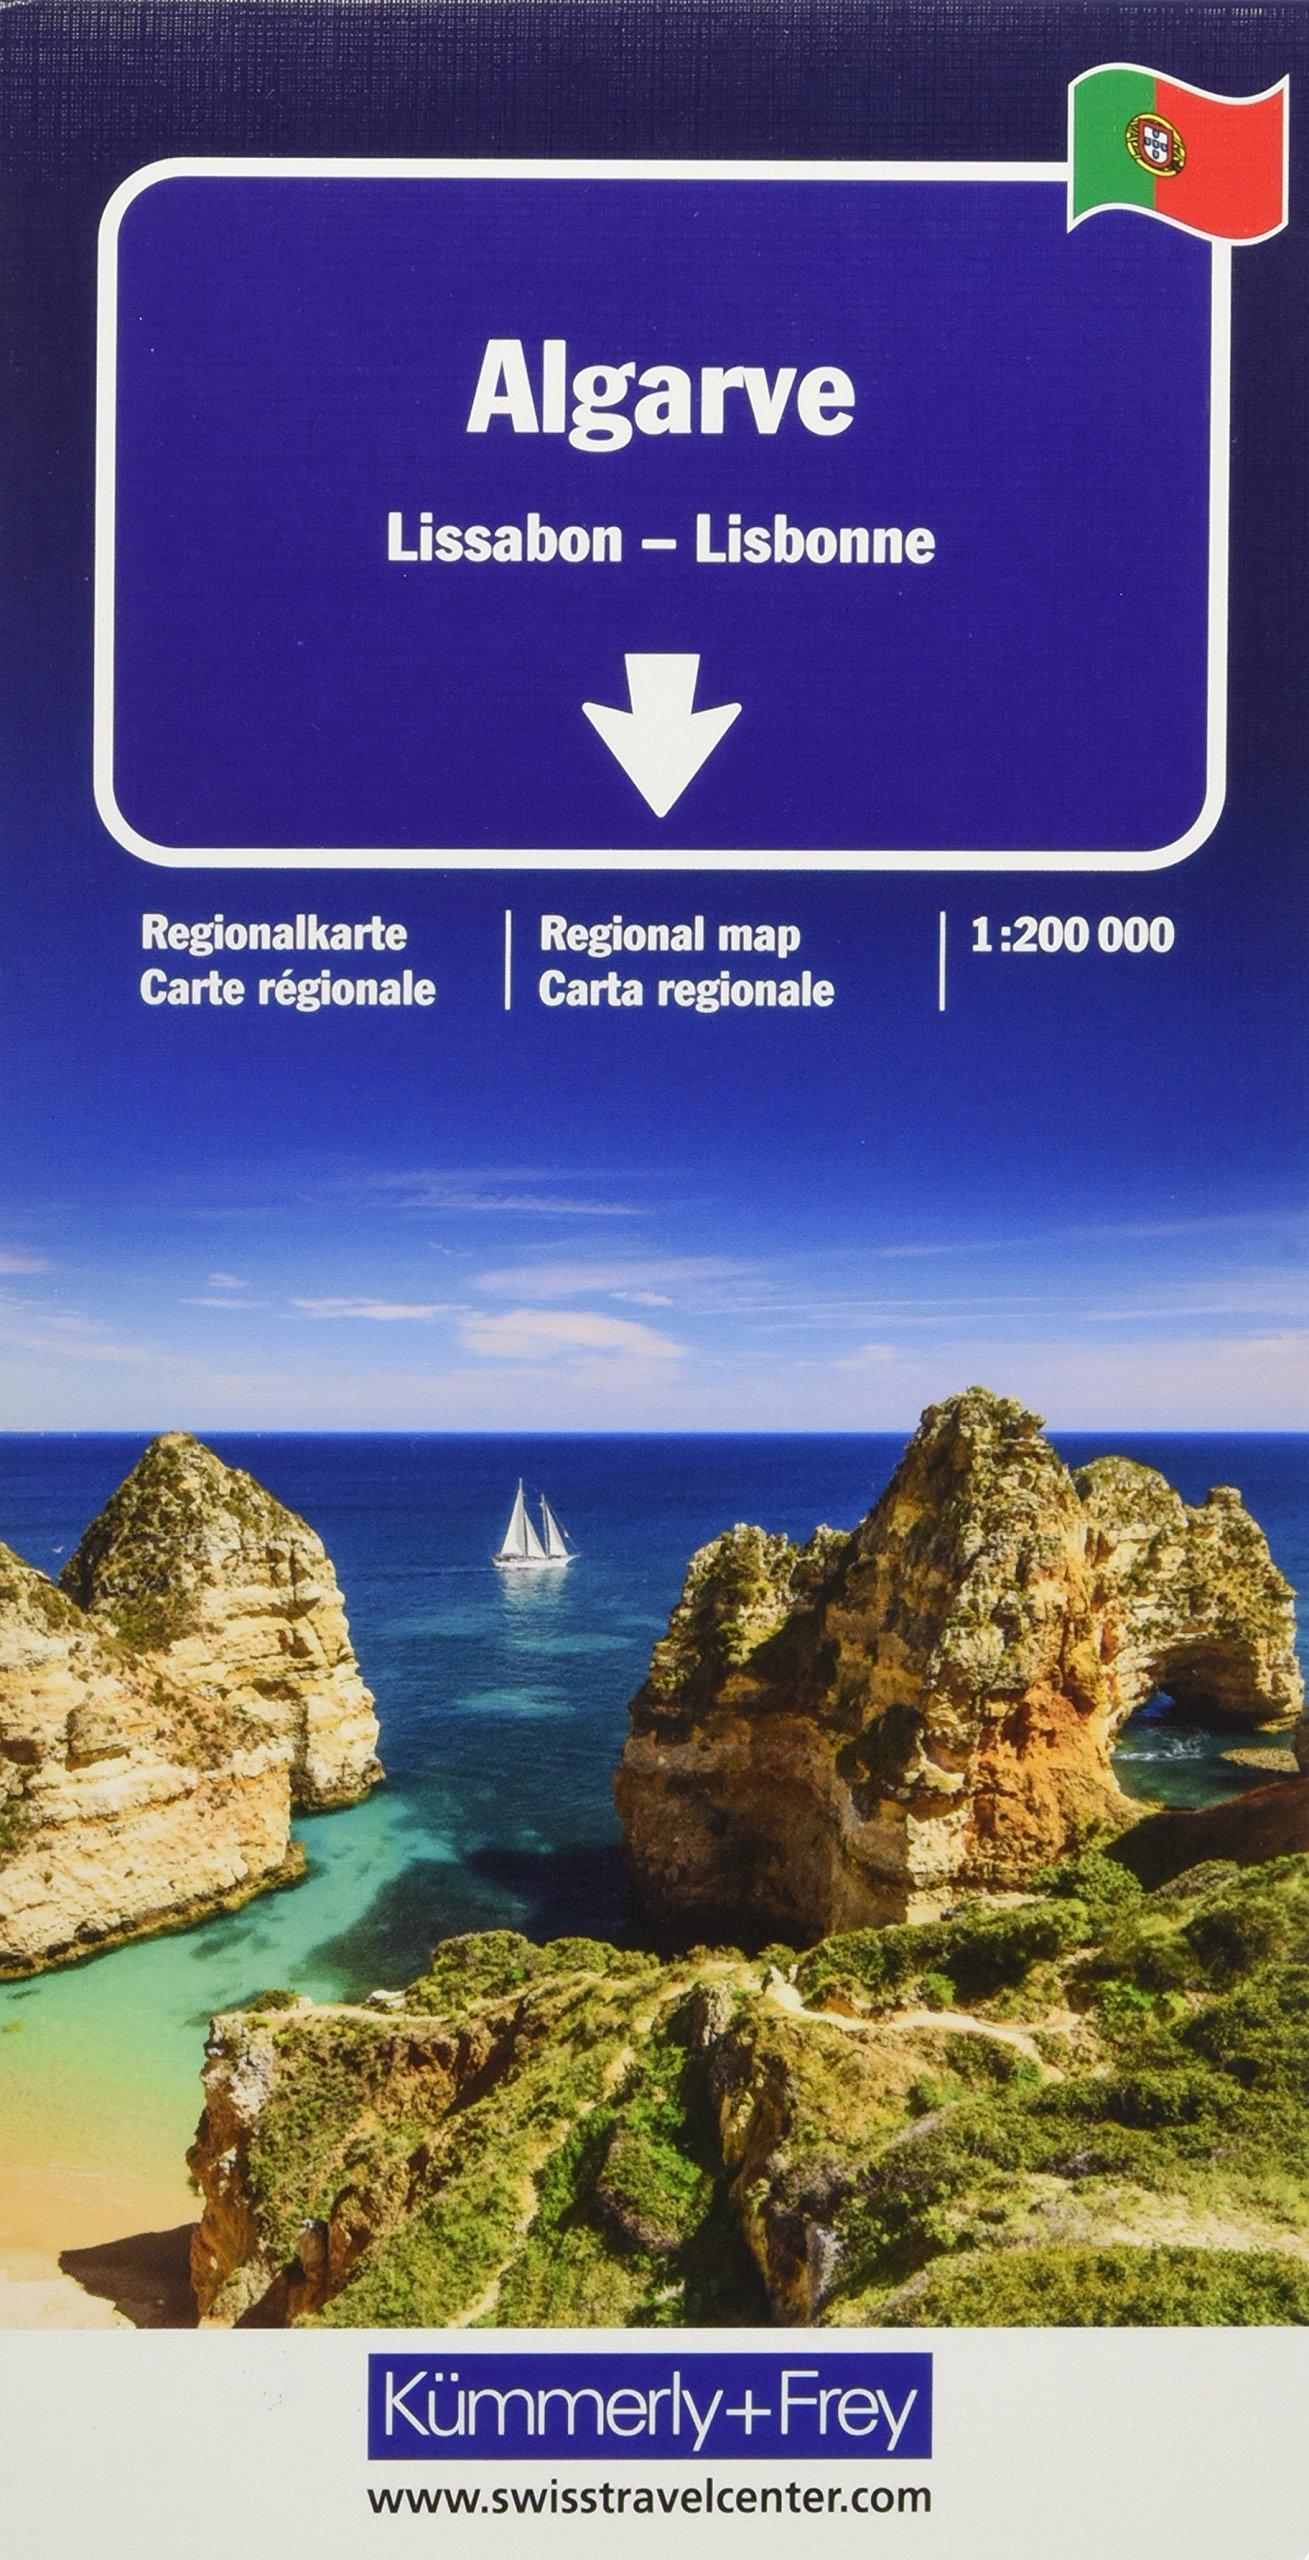 Algarve, Lisbonne : 1/200 000 (Anglais) Carte – Carte pliée, 26 juillet 2018 Kümmerly + Frey Kummerly & Frey 325901490X Karten / Stadtpläne / Europa